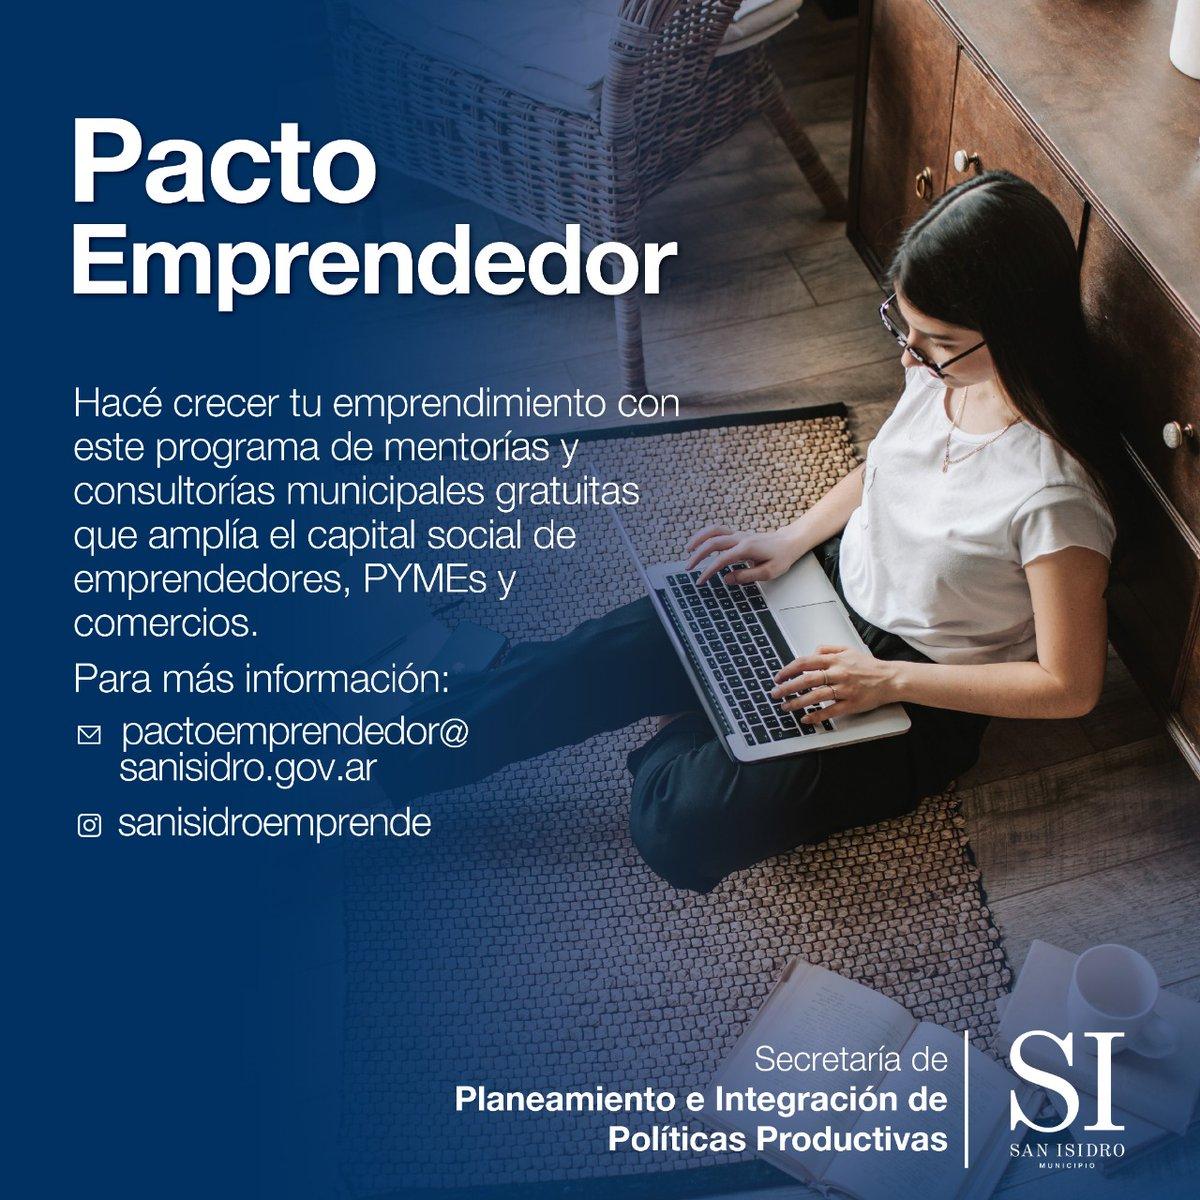 PACTO EMPRENDEDOR 🤝 Hacé crecer tu emprendimiento con este programa de mentorías y consultorías municipales gratuitas que amplía el capital social de emprendedores, PYMEs y comercios.  Para más información, envía un correo a ✉️ pactoemprendedor@sanisidro.gov.ar #SanIsidro https://t.co/TdRiKJnLYJ